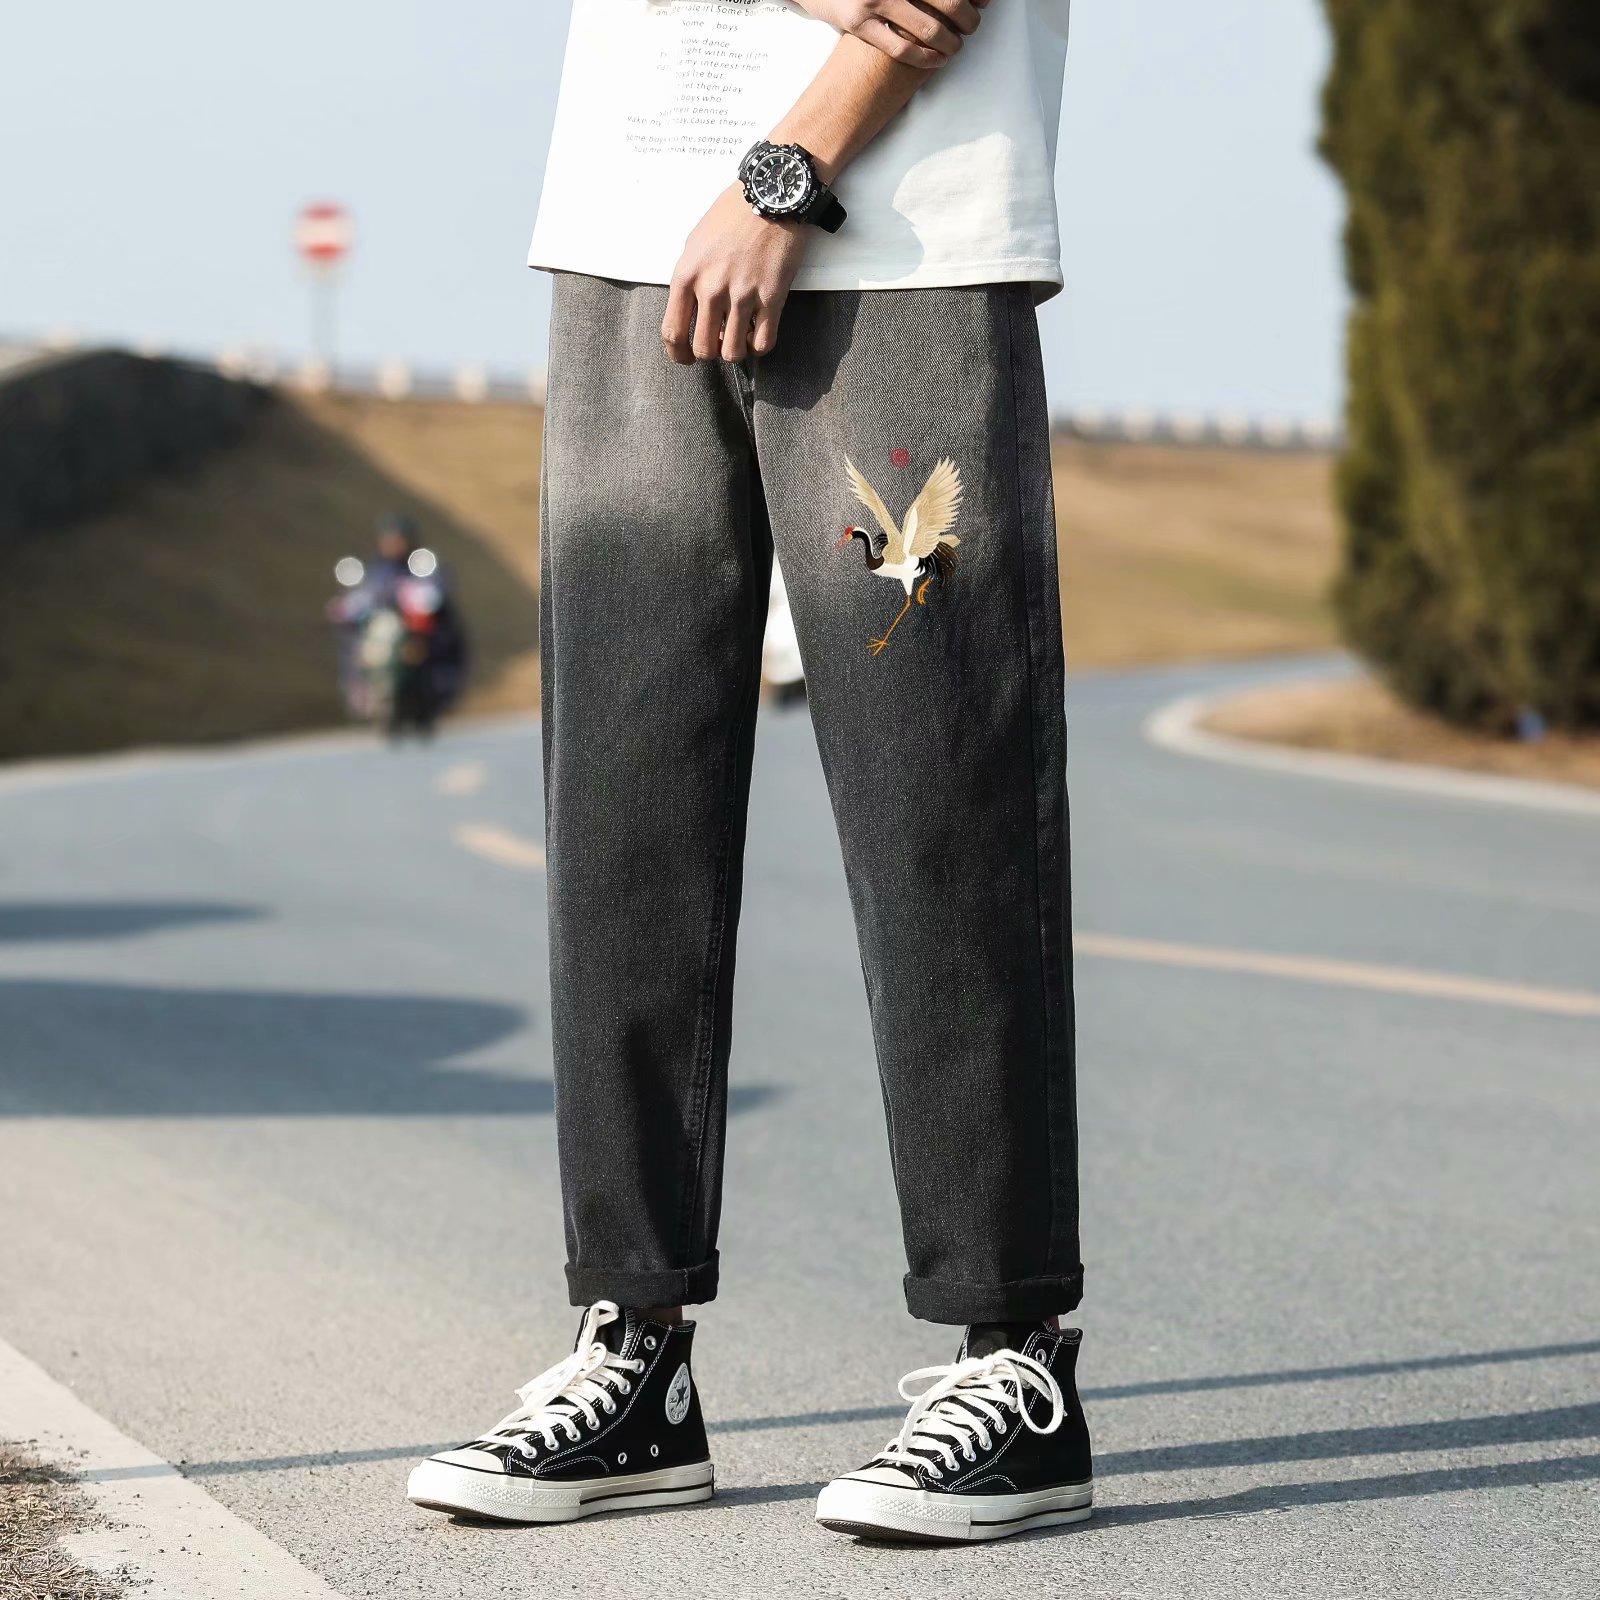 FOFU-牛仔褲男潮流漸變印花休閒直筒型四季韓版九分褲中腰牛仔褲【08SB00288】